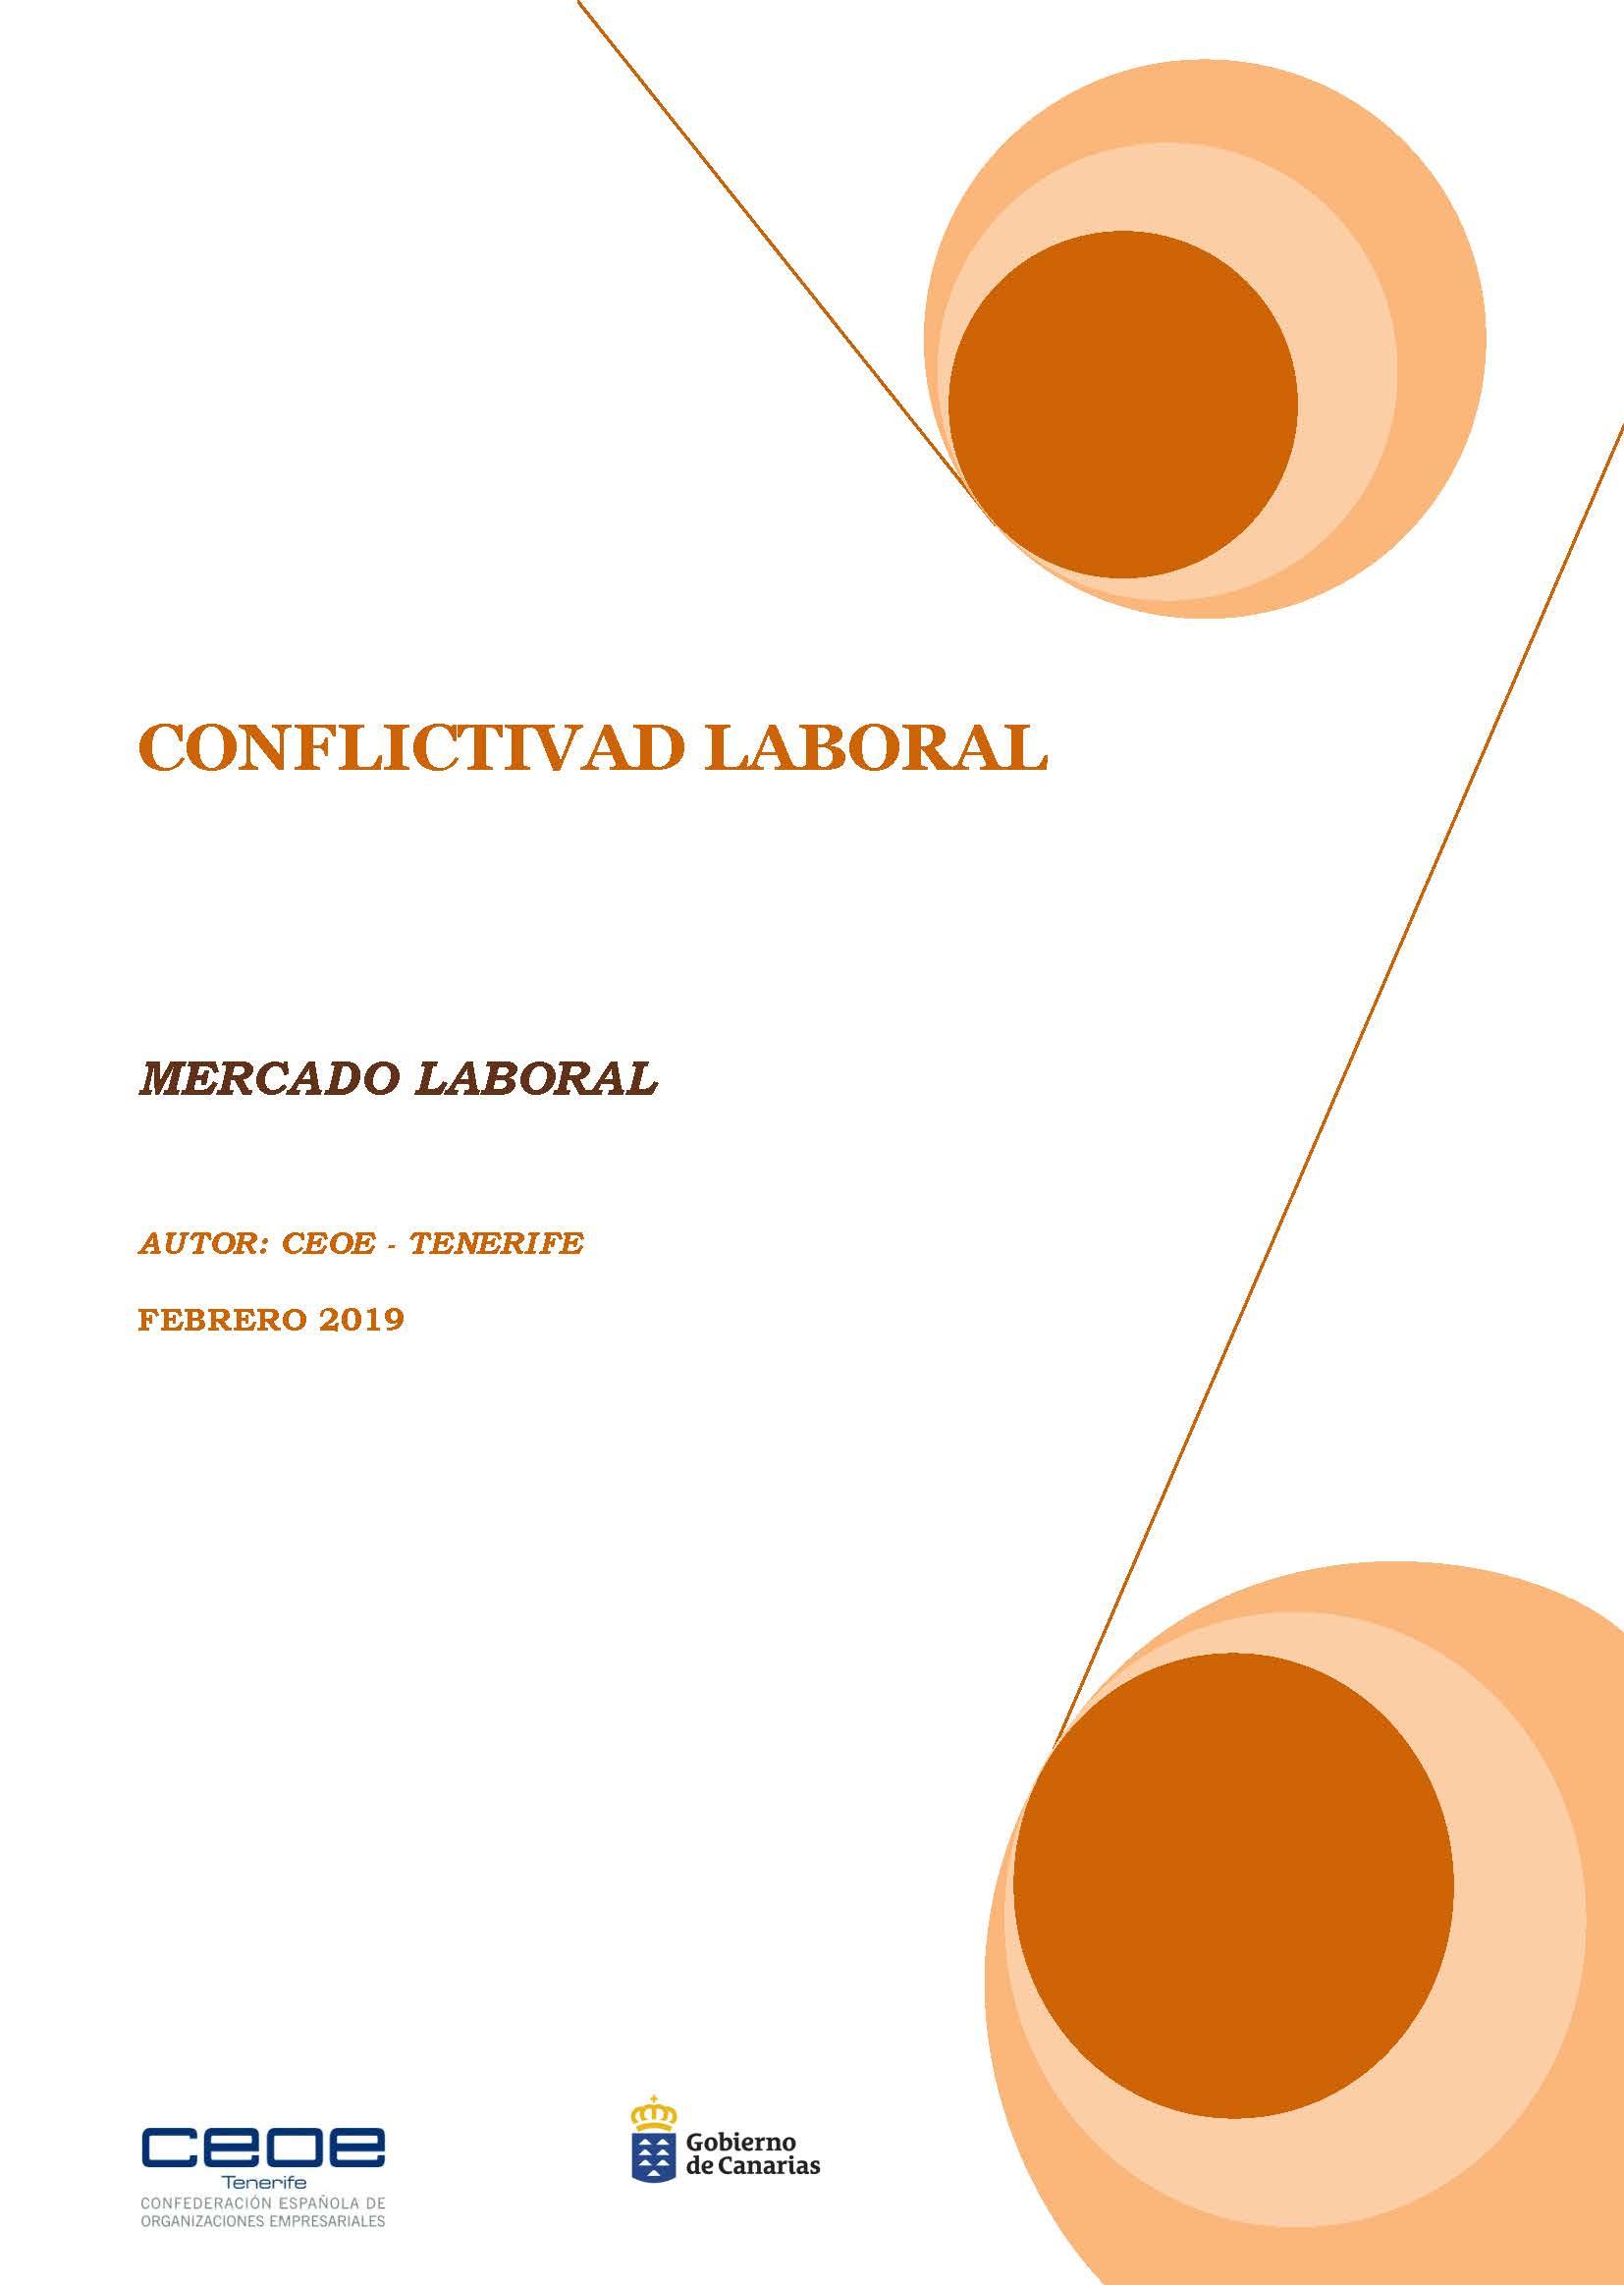 MERCADO LABORAL - CONFLICTIVIDAD LABORAL FEBRERO 2019